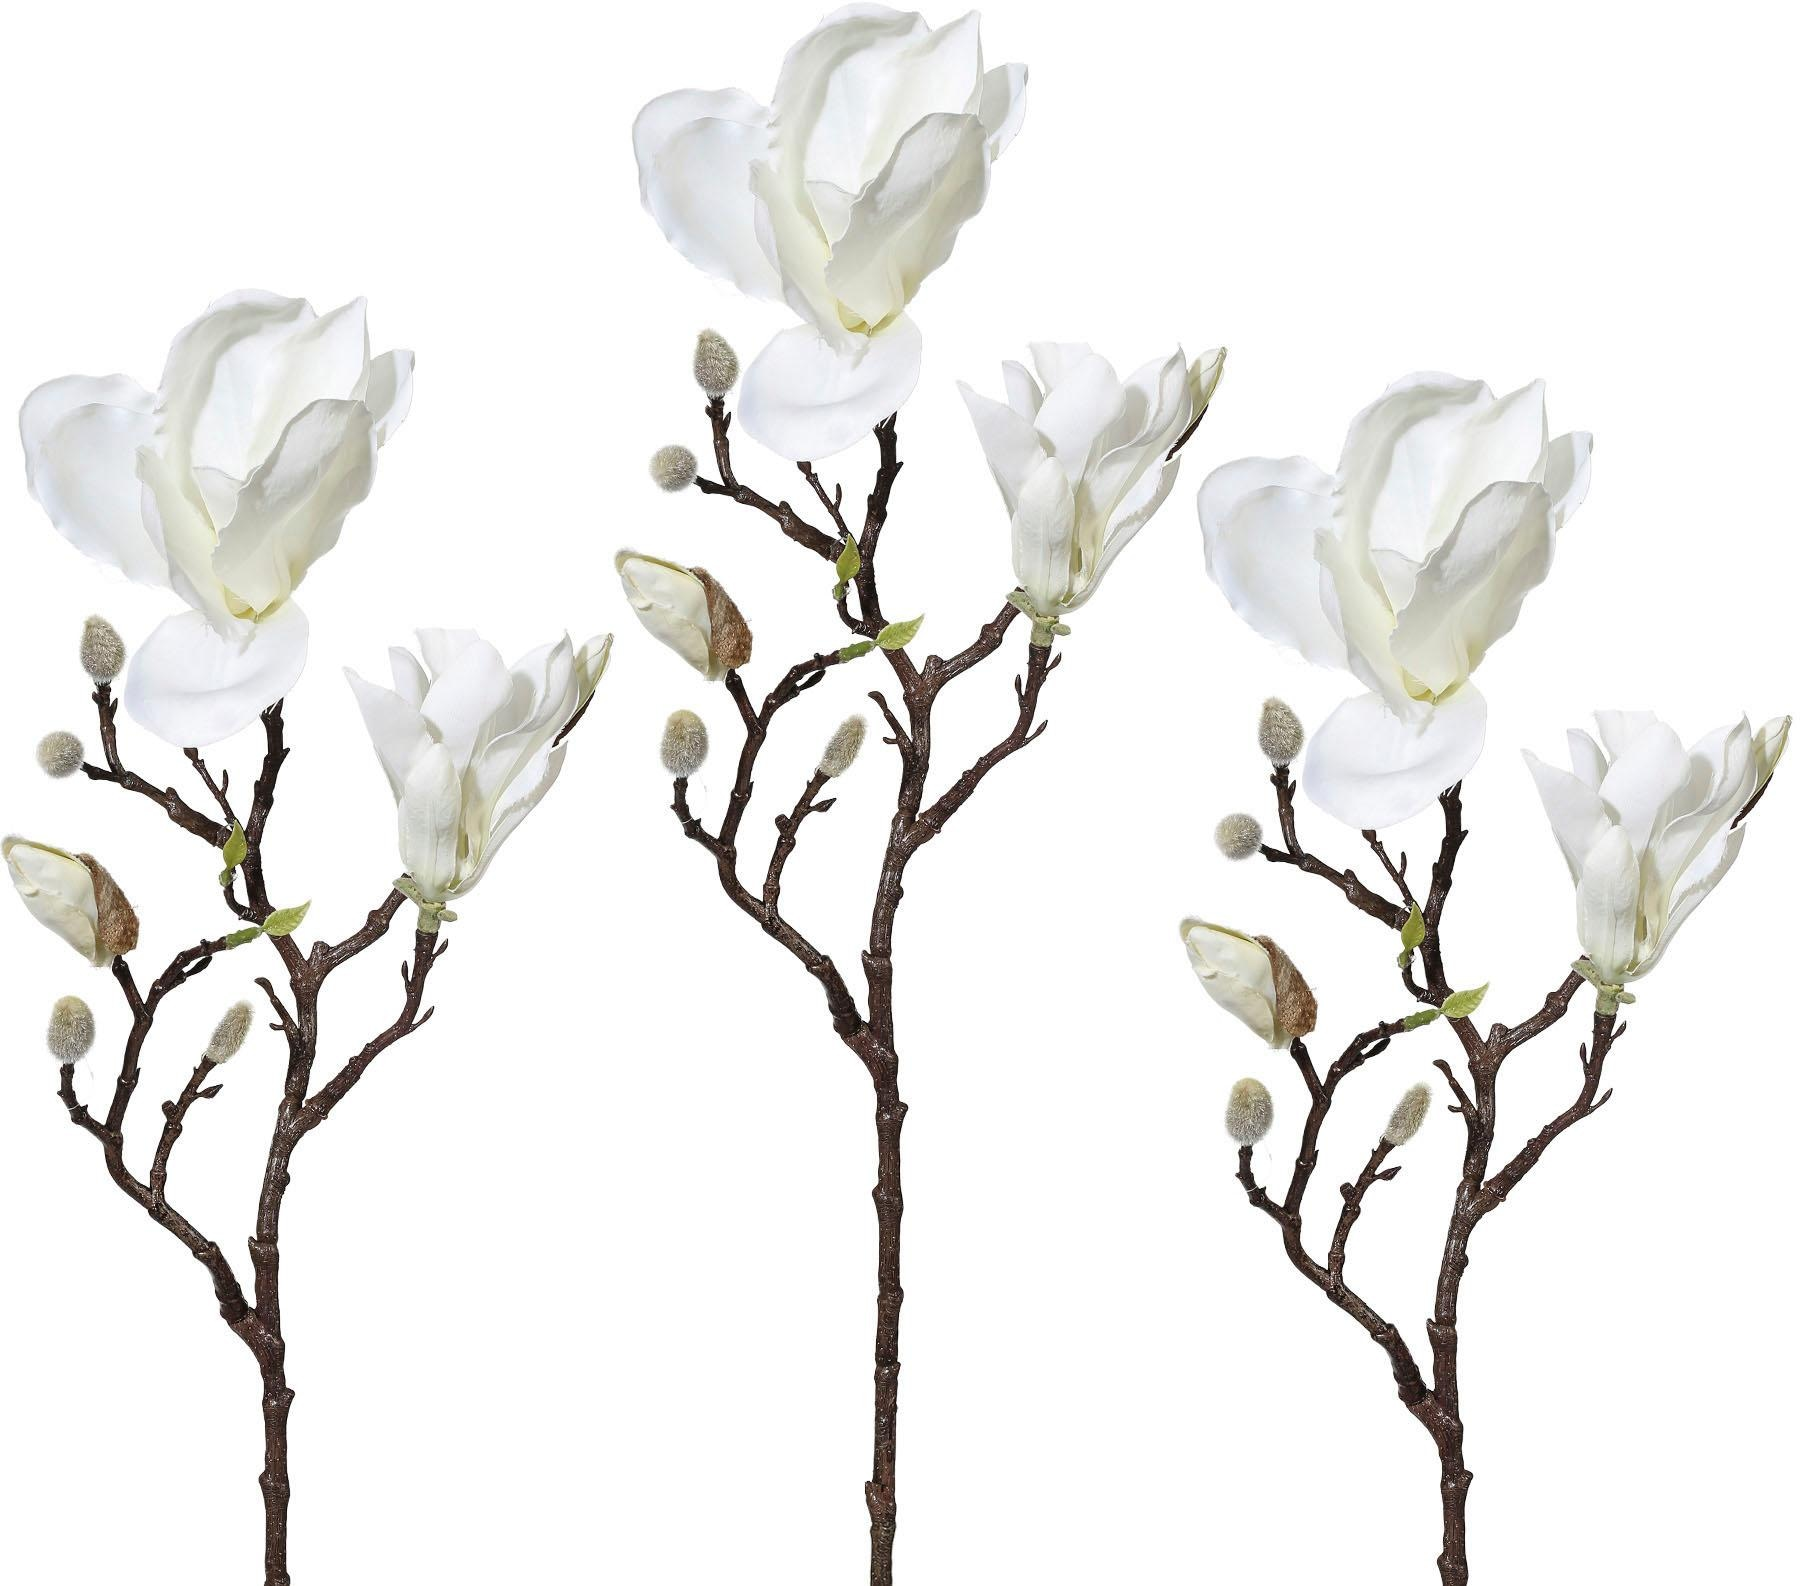 Kunstzweig Magnolie (3 Stück) Wohnen/Accessoires & Leuchten/Wohnaccessoires/Kunstpflanzen/Kunstblumen